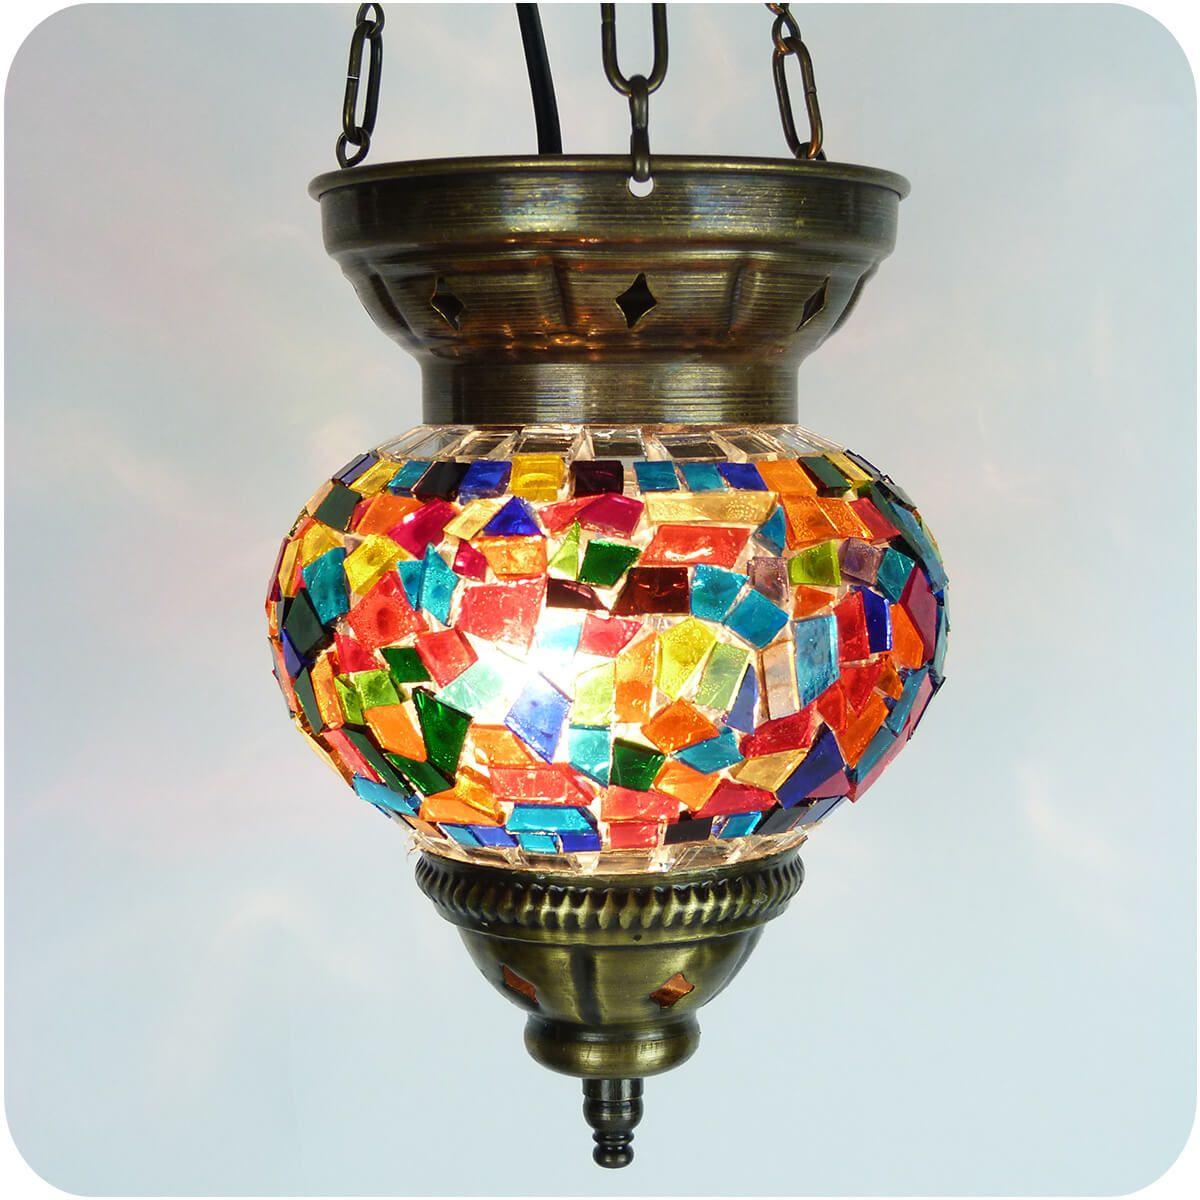 Orientalische mosaik glas lampe h ngeleuchte deckenlampe t rkisch stil 20x16 cm ebay for Mosaik lampe orientalisch